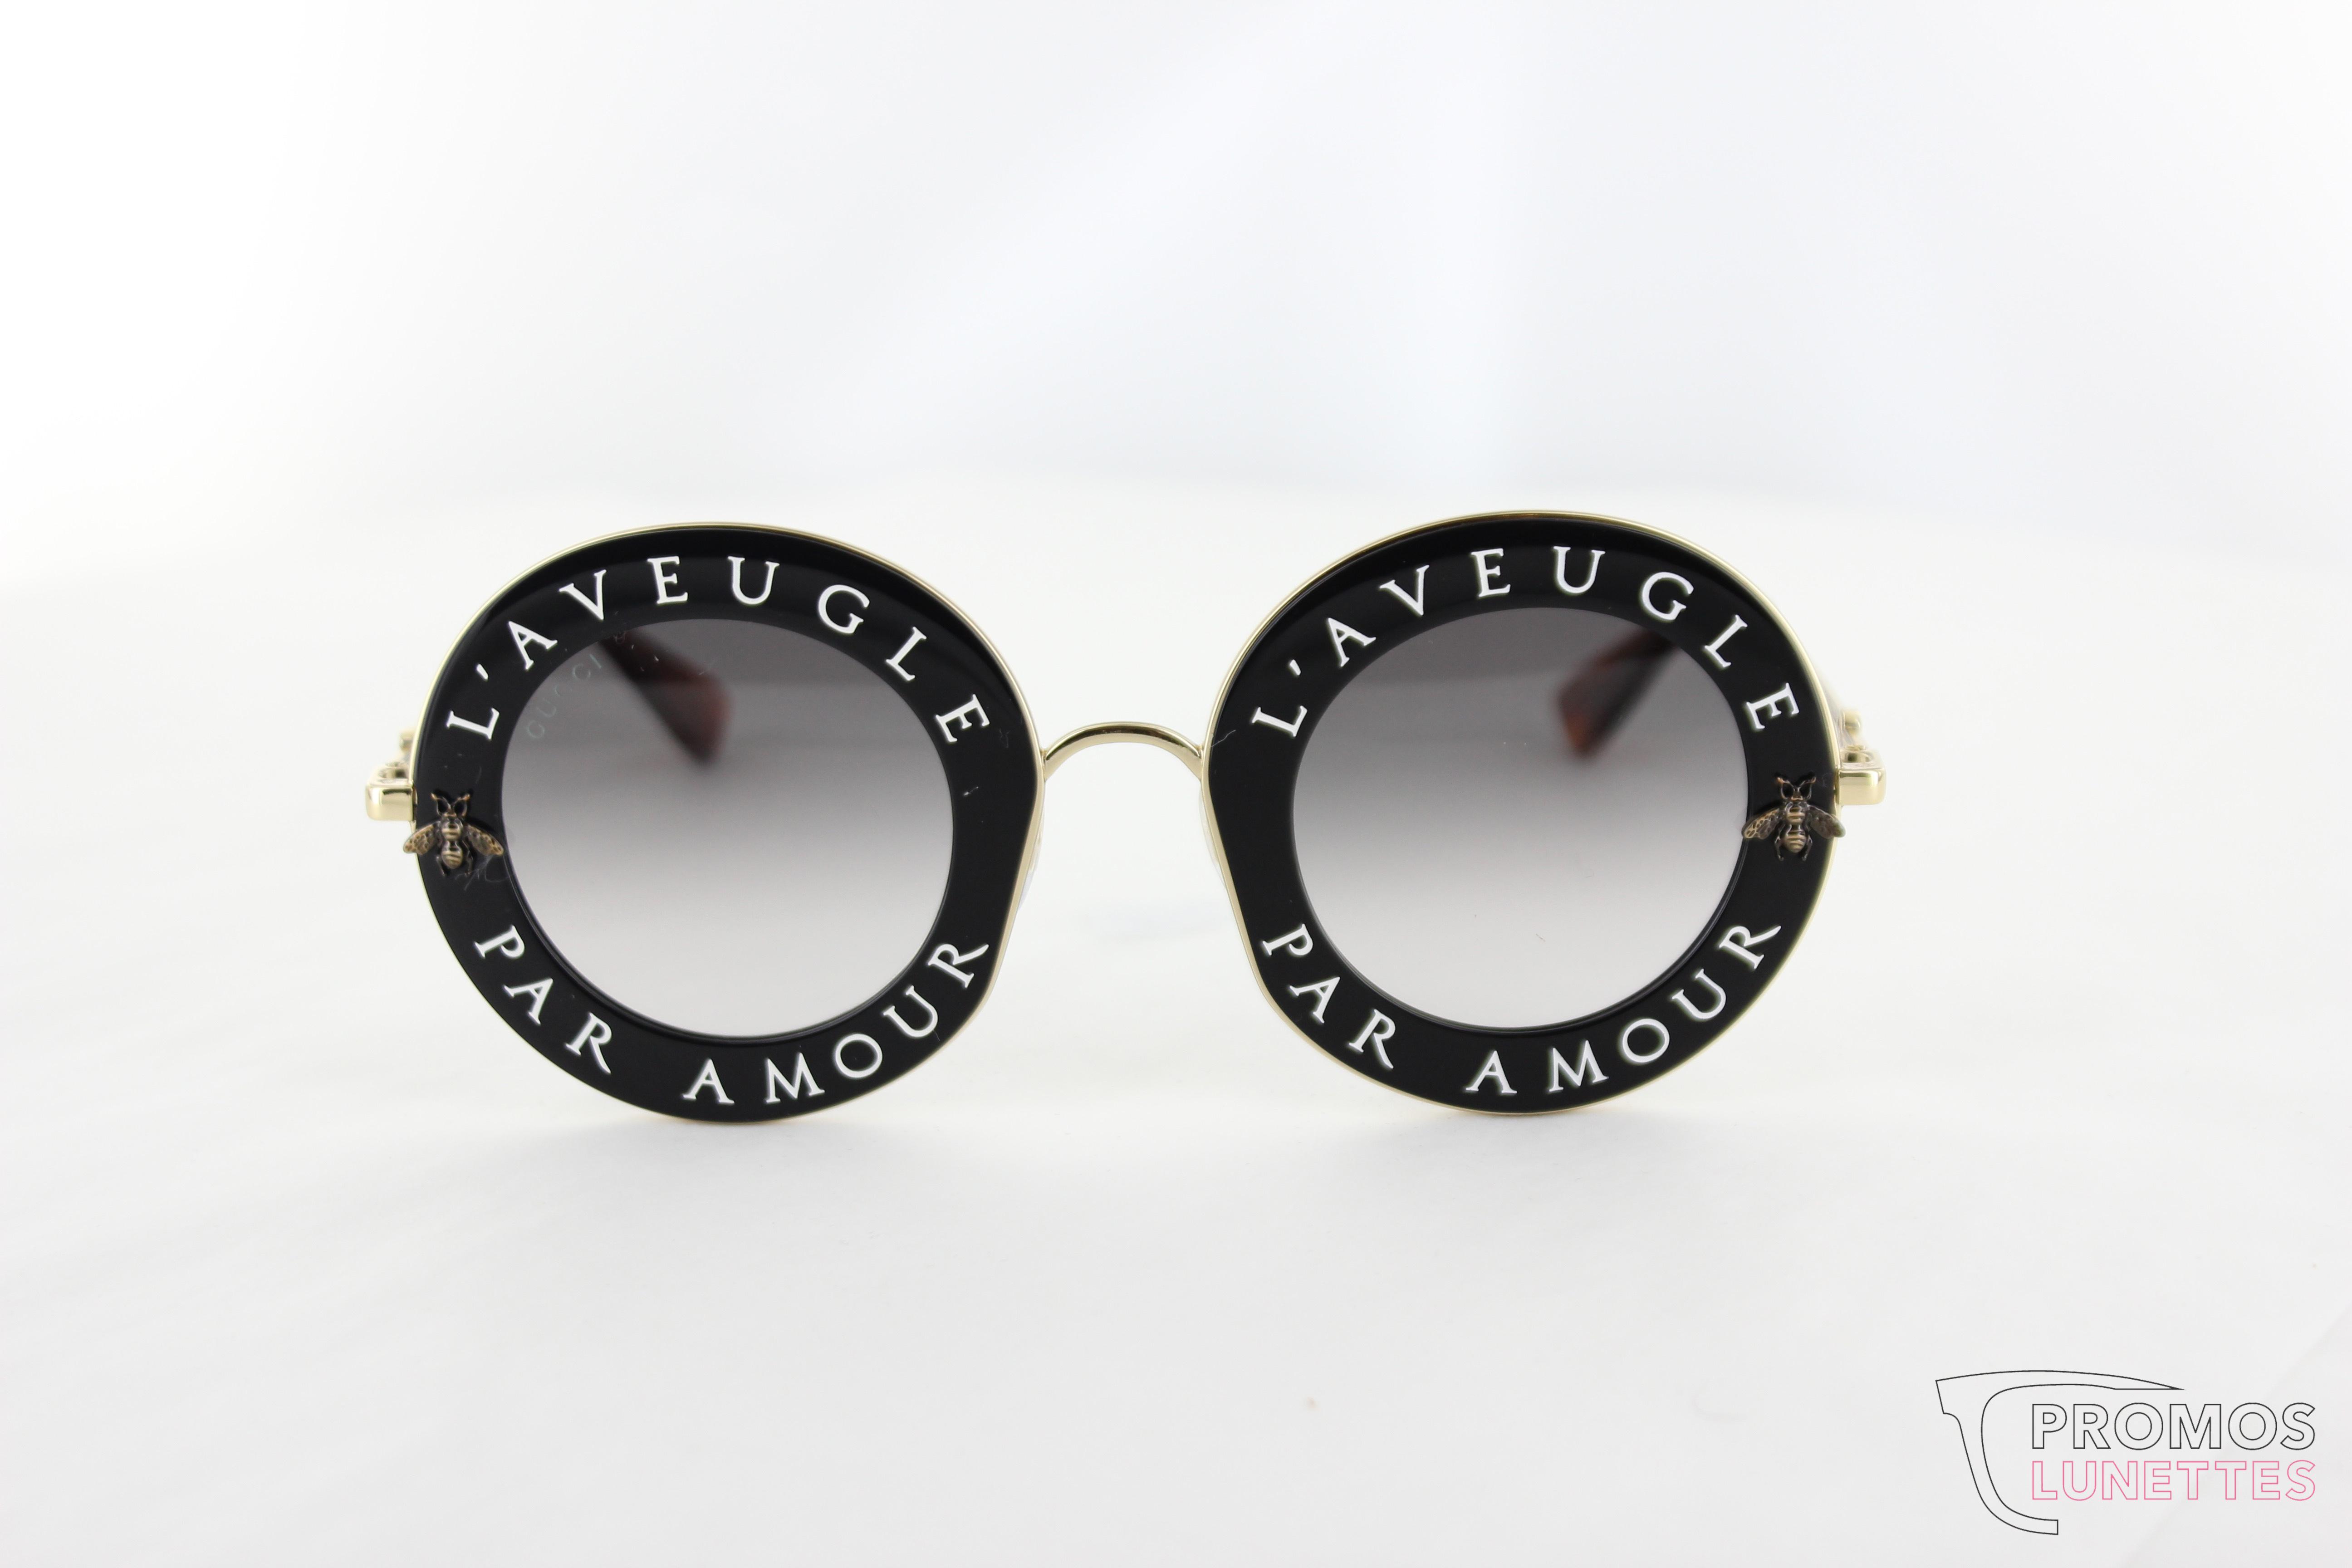 Vous connaissez les lunettes de soleil Gucci   Cette marque de luxe  italienne propose des montures solaires de qualité, au style unique qui ne  manquent pas ... e1e8b61842a6